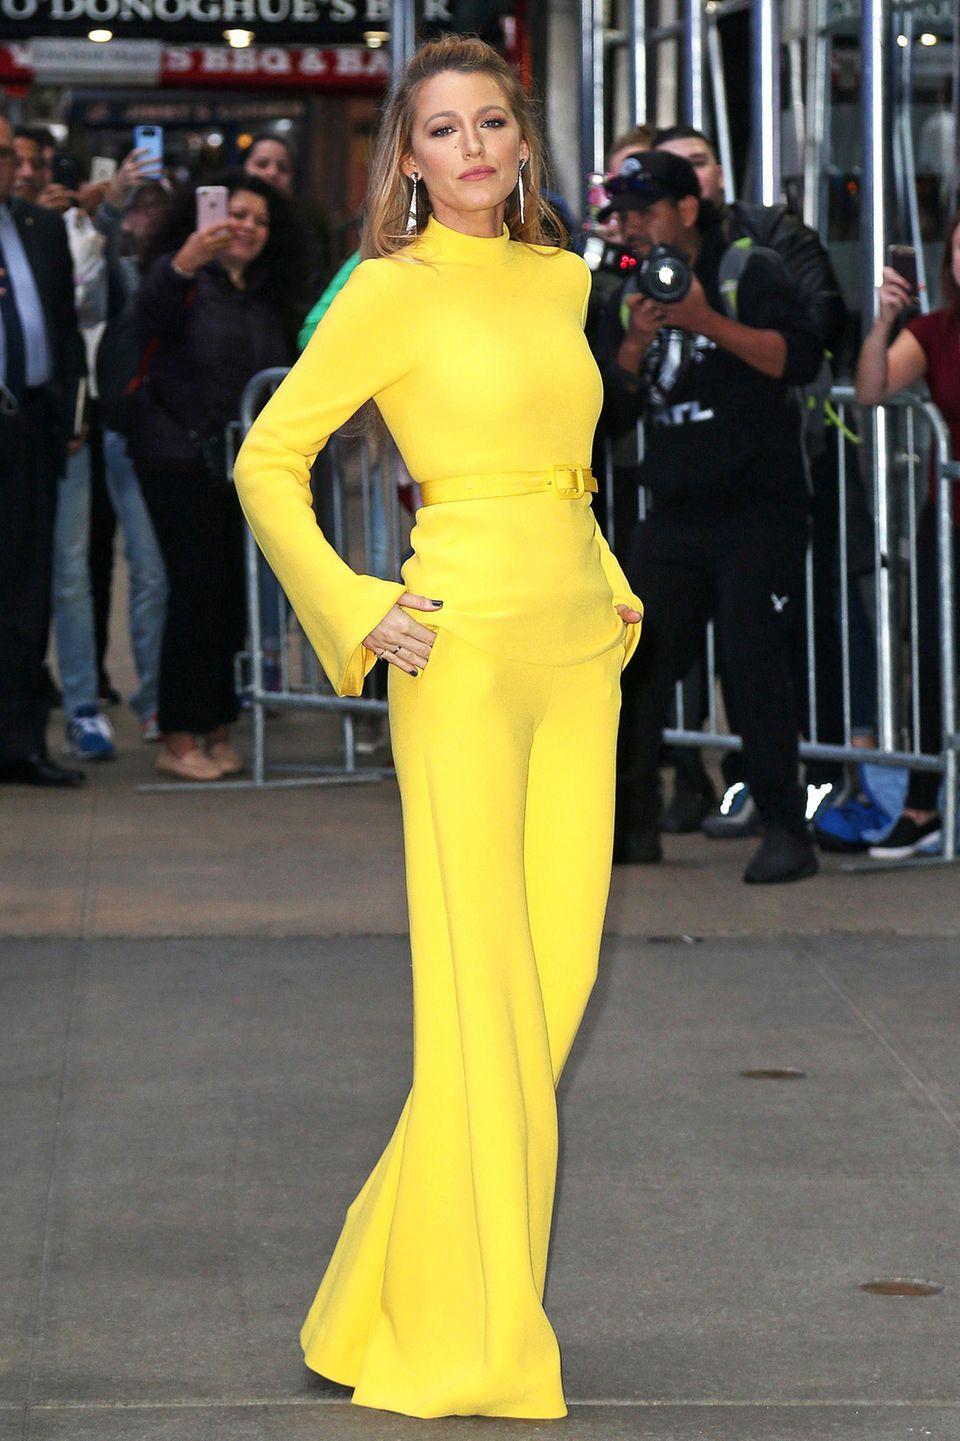 Doch Michelle Monaghan war nicht die erste, die in dem stylischen Zweiteiler strahlte. Blake Lively zeigte sich nämlich schon im Oktober 2017 in diesem farblichen Statement-Look